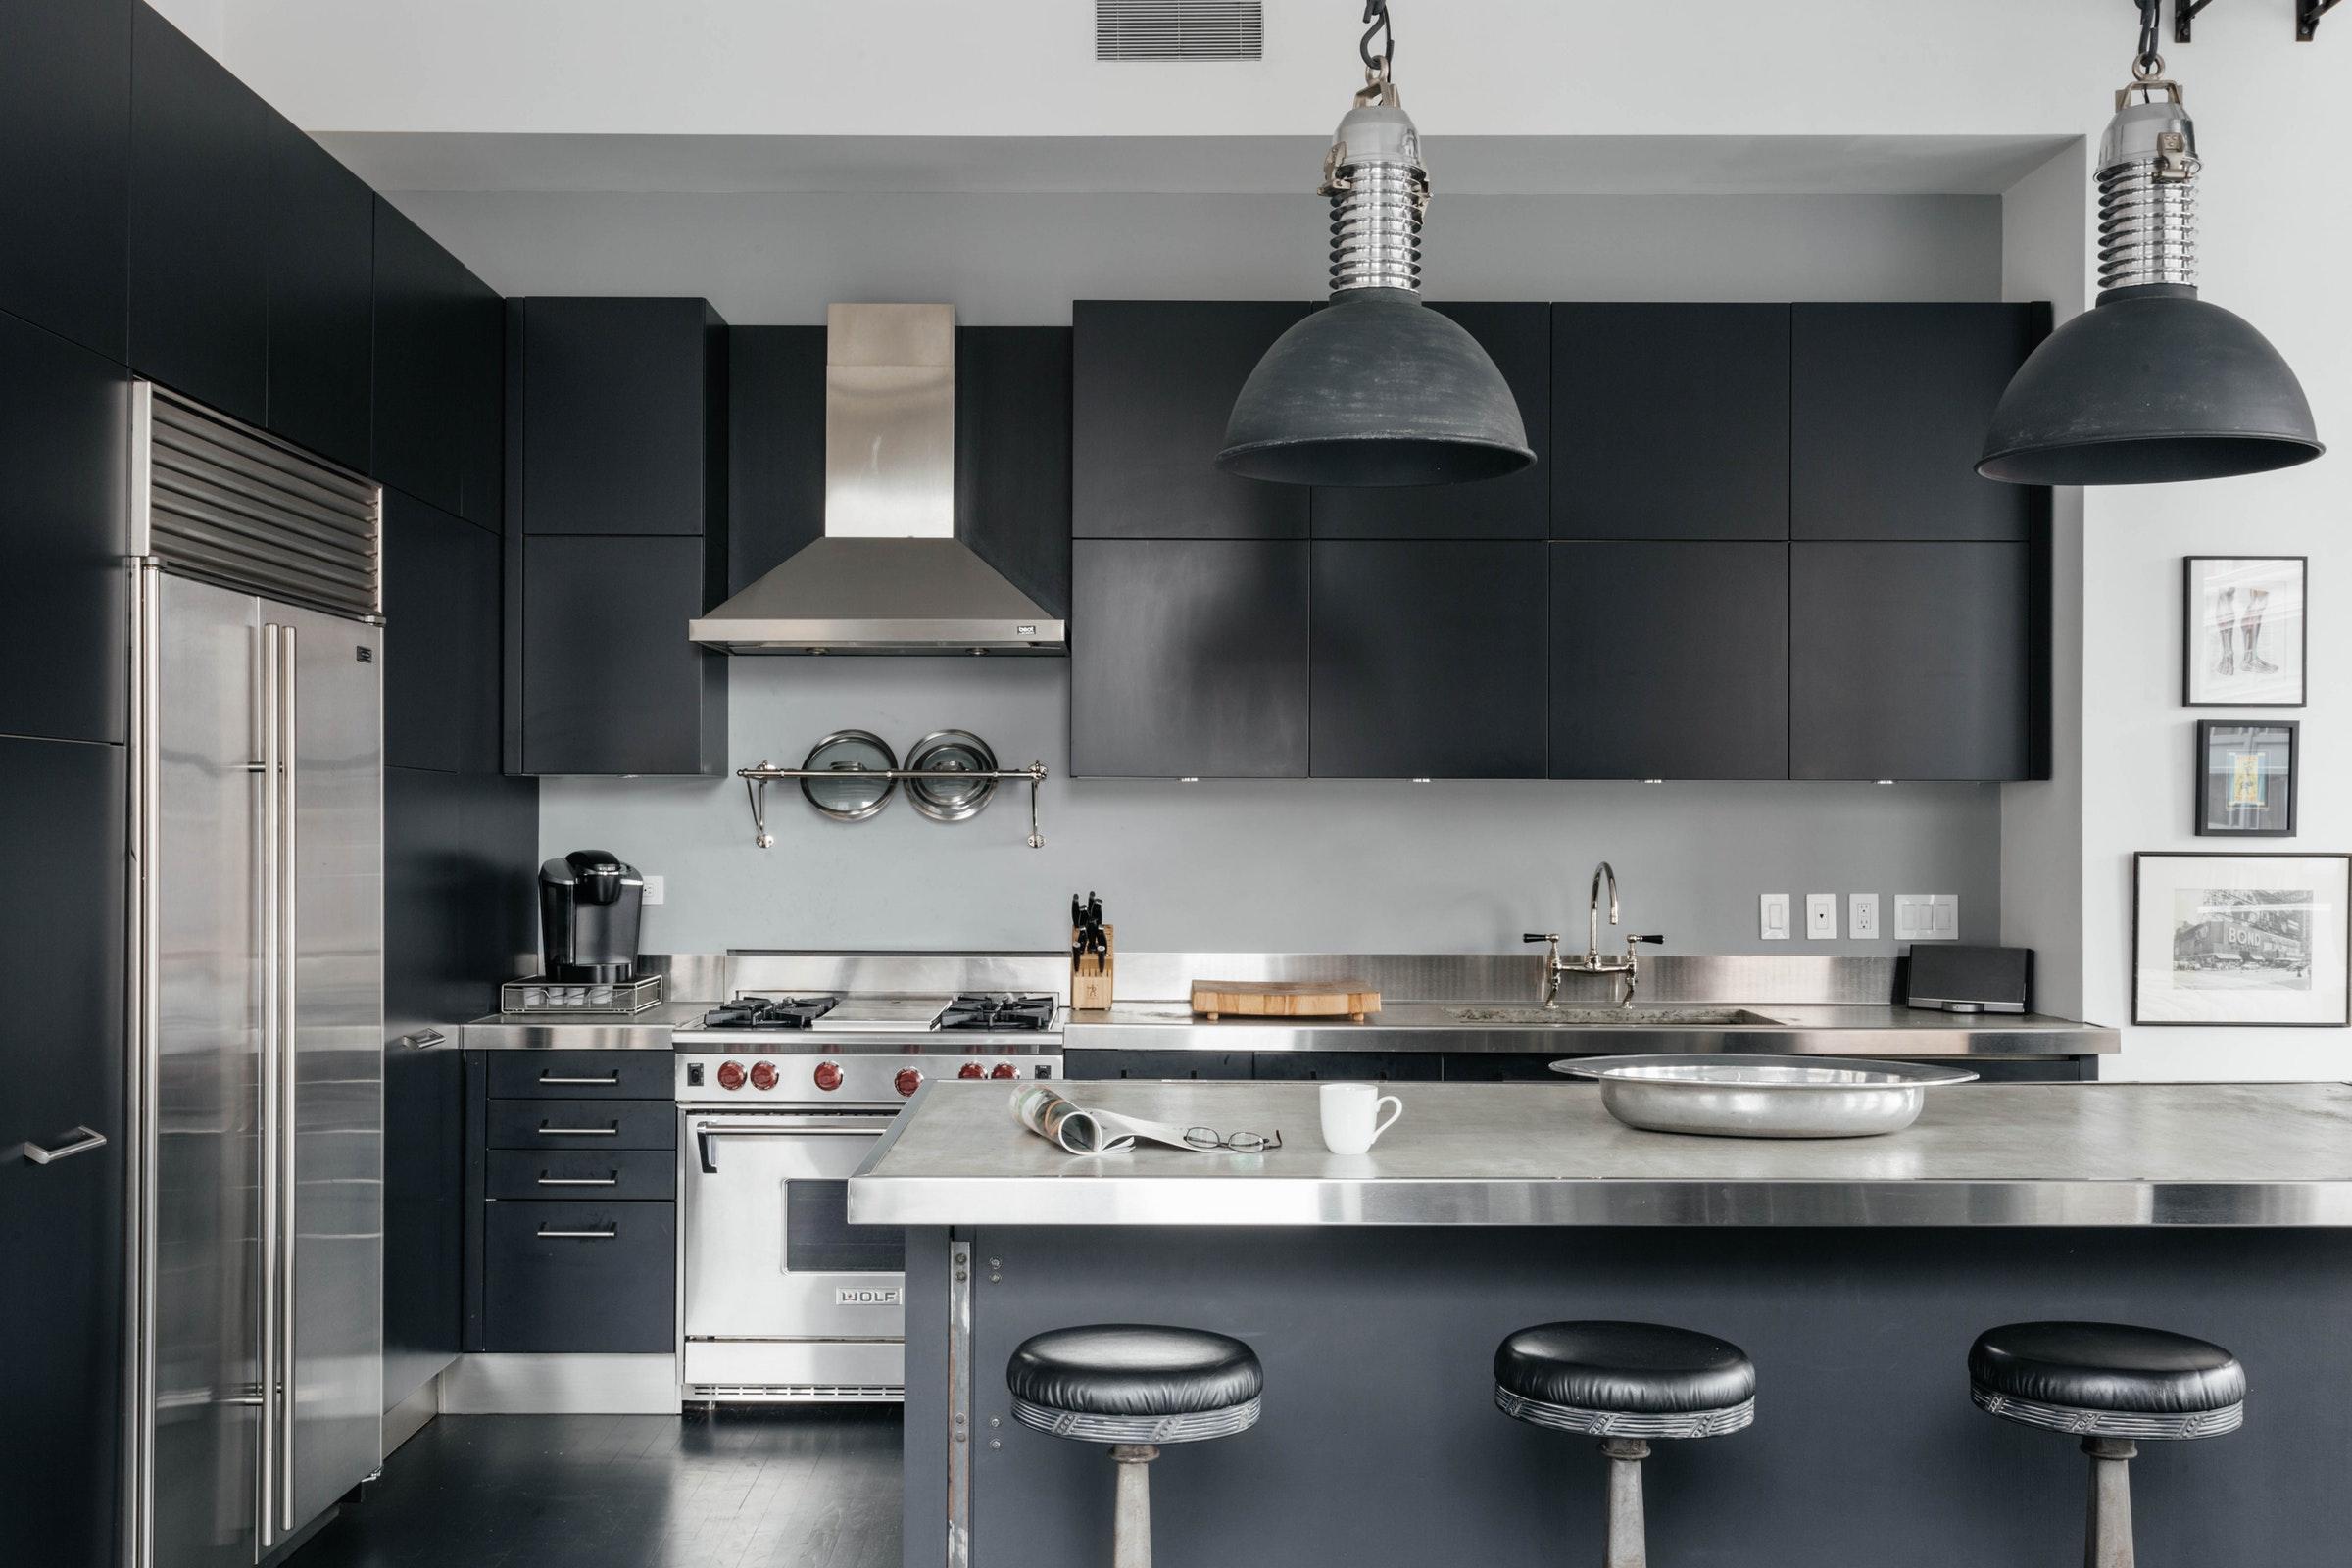 кухня остров столешница плита вытяжка